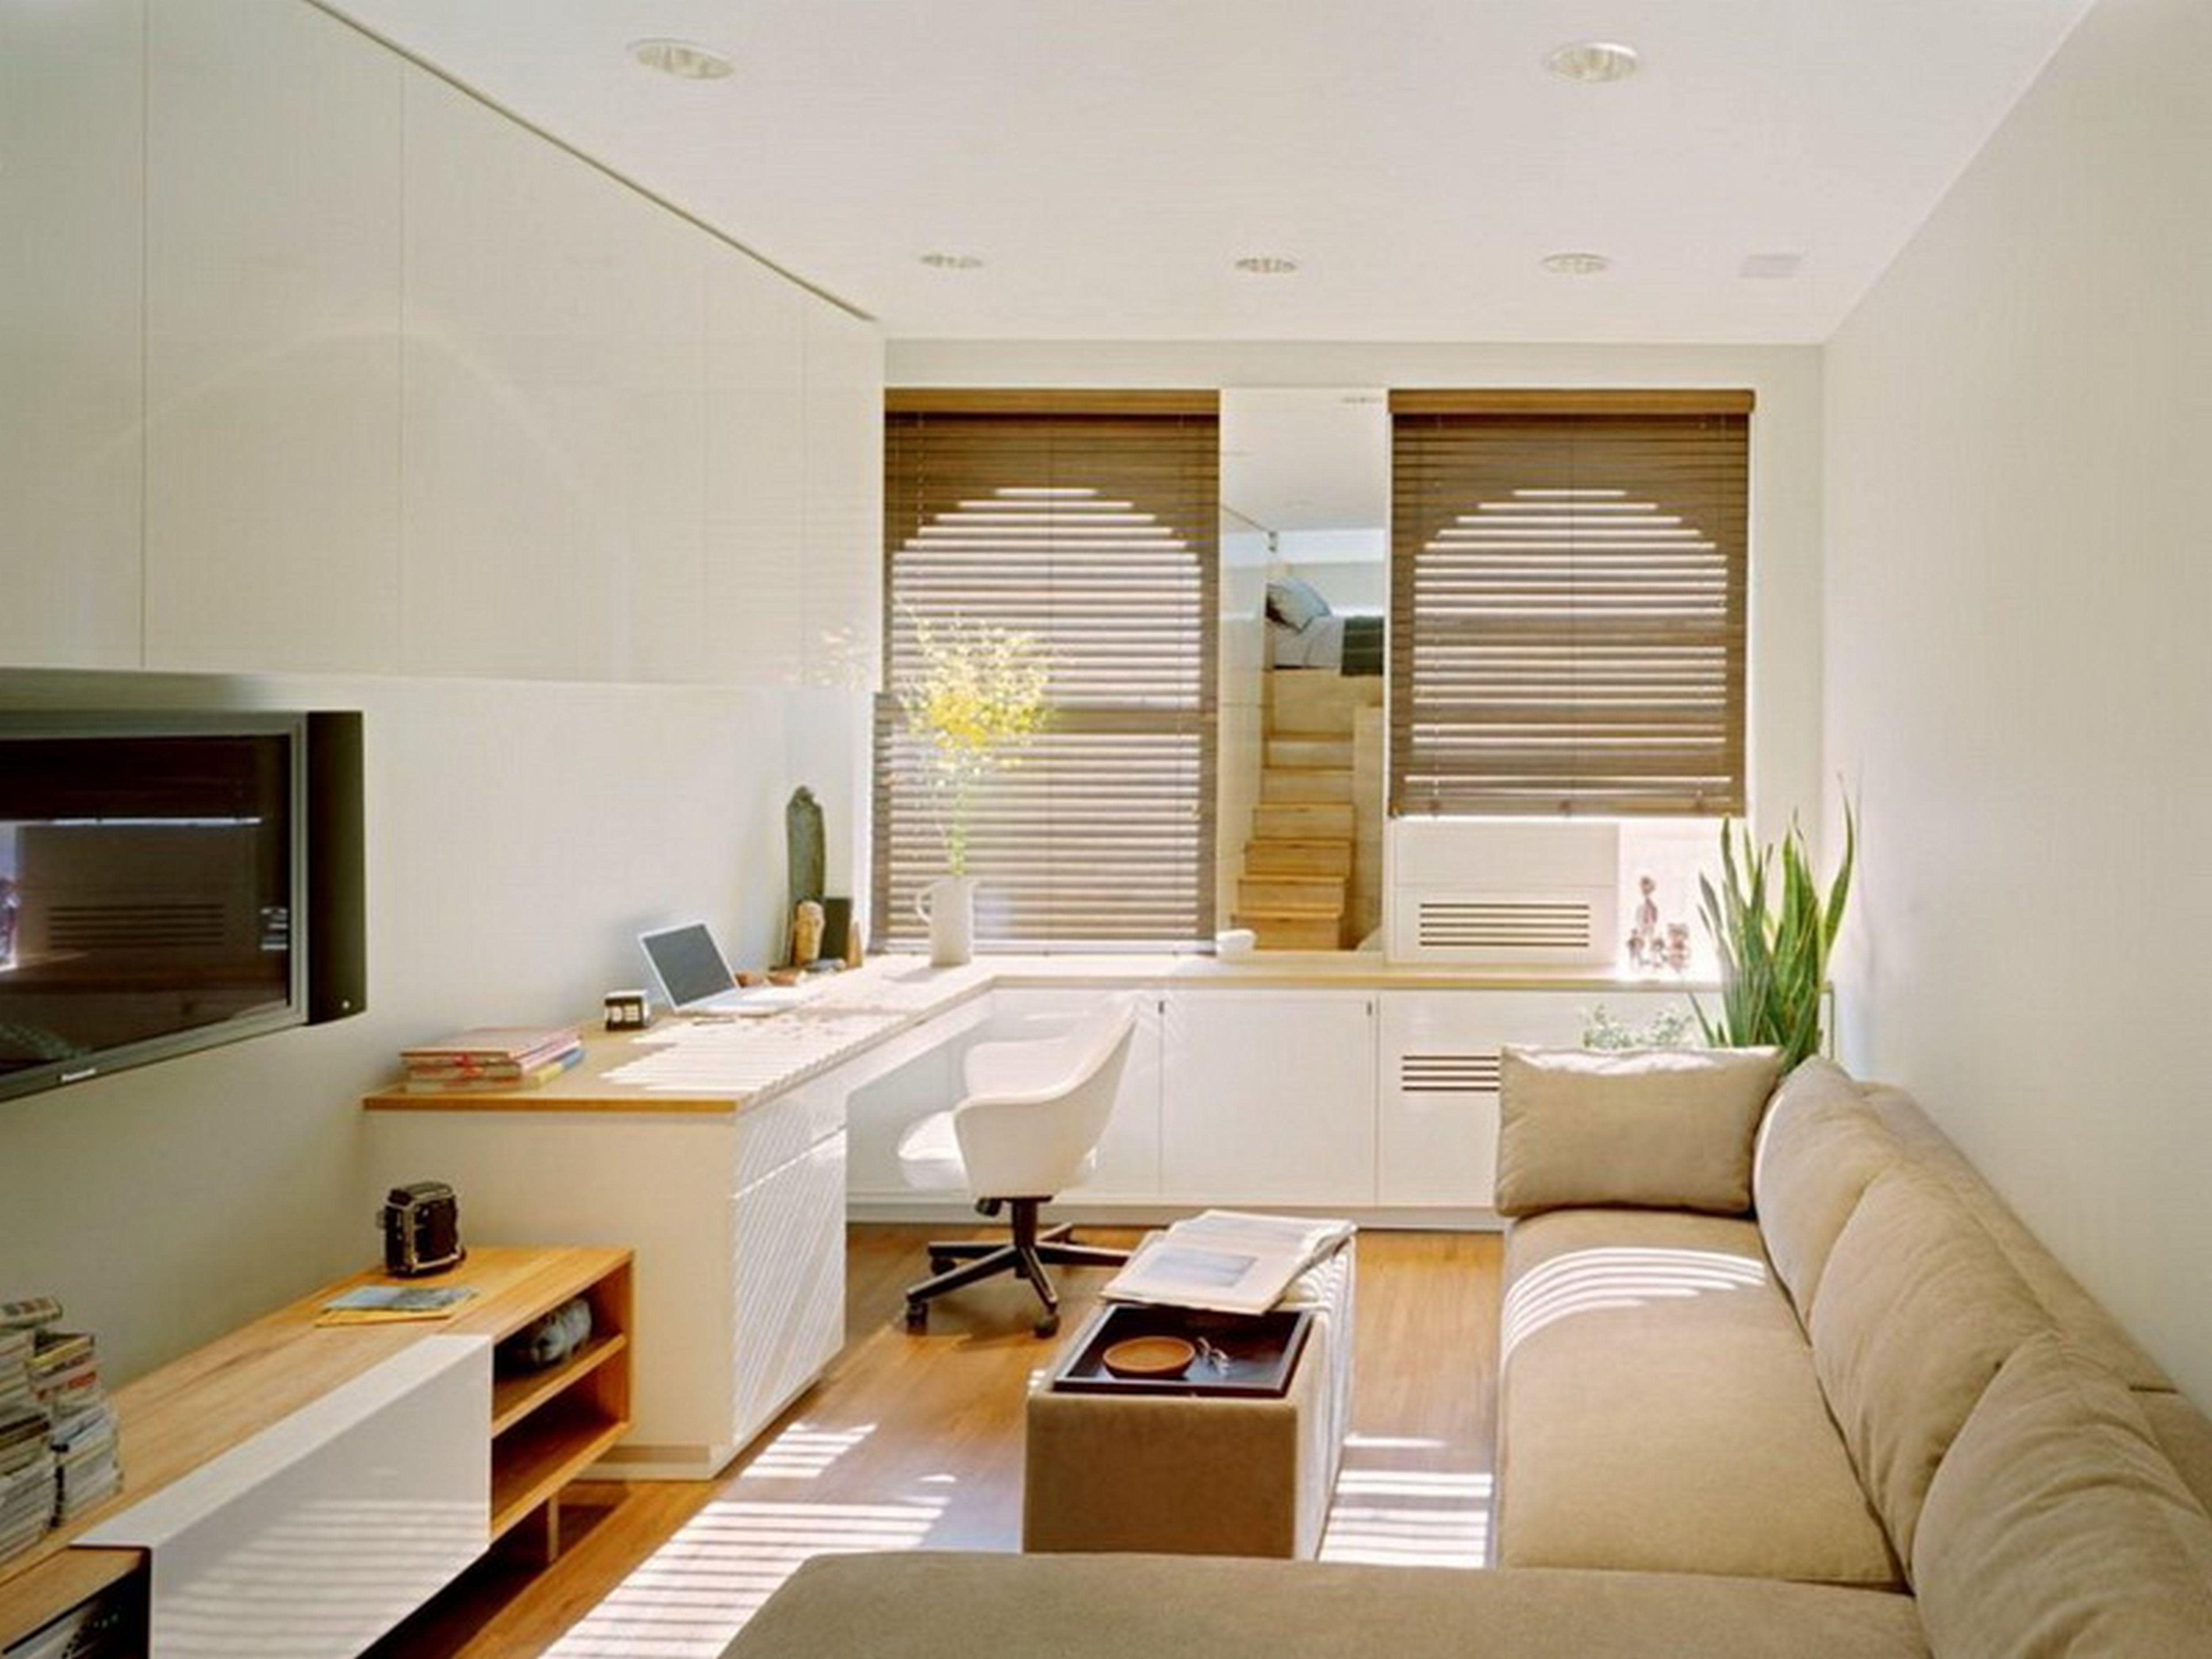 Dekorasi simple untuk ruang tamu minimalis rumah apartment